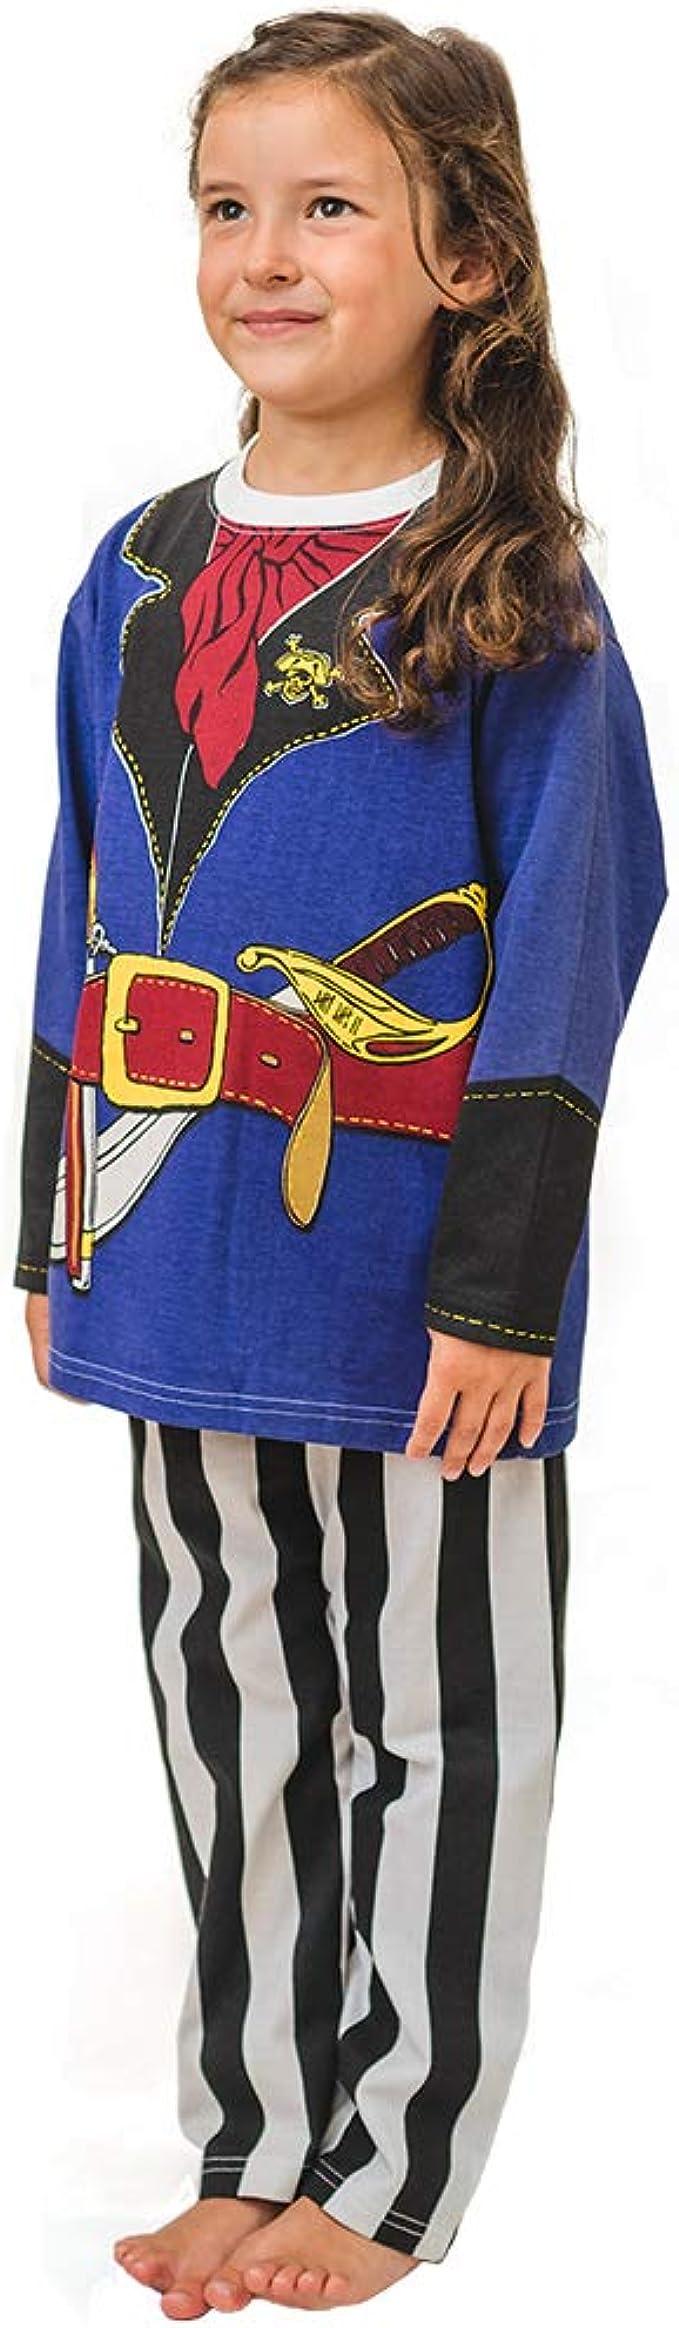 Pijama de Pirata y Ropa Casera Divertida: Amazon.es: Ropa y accesorios